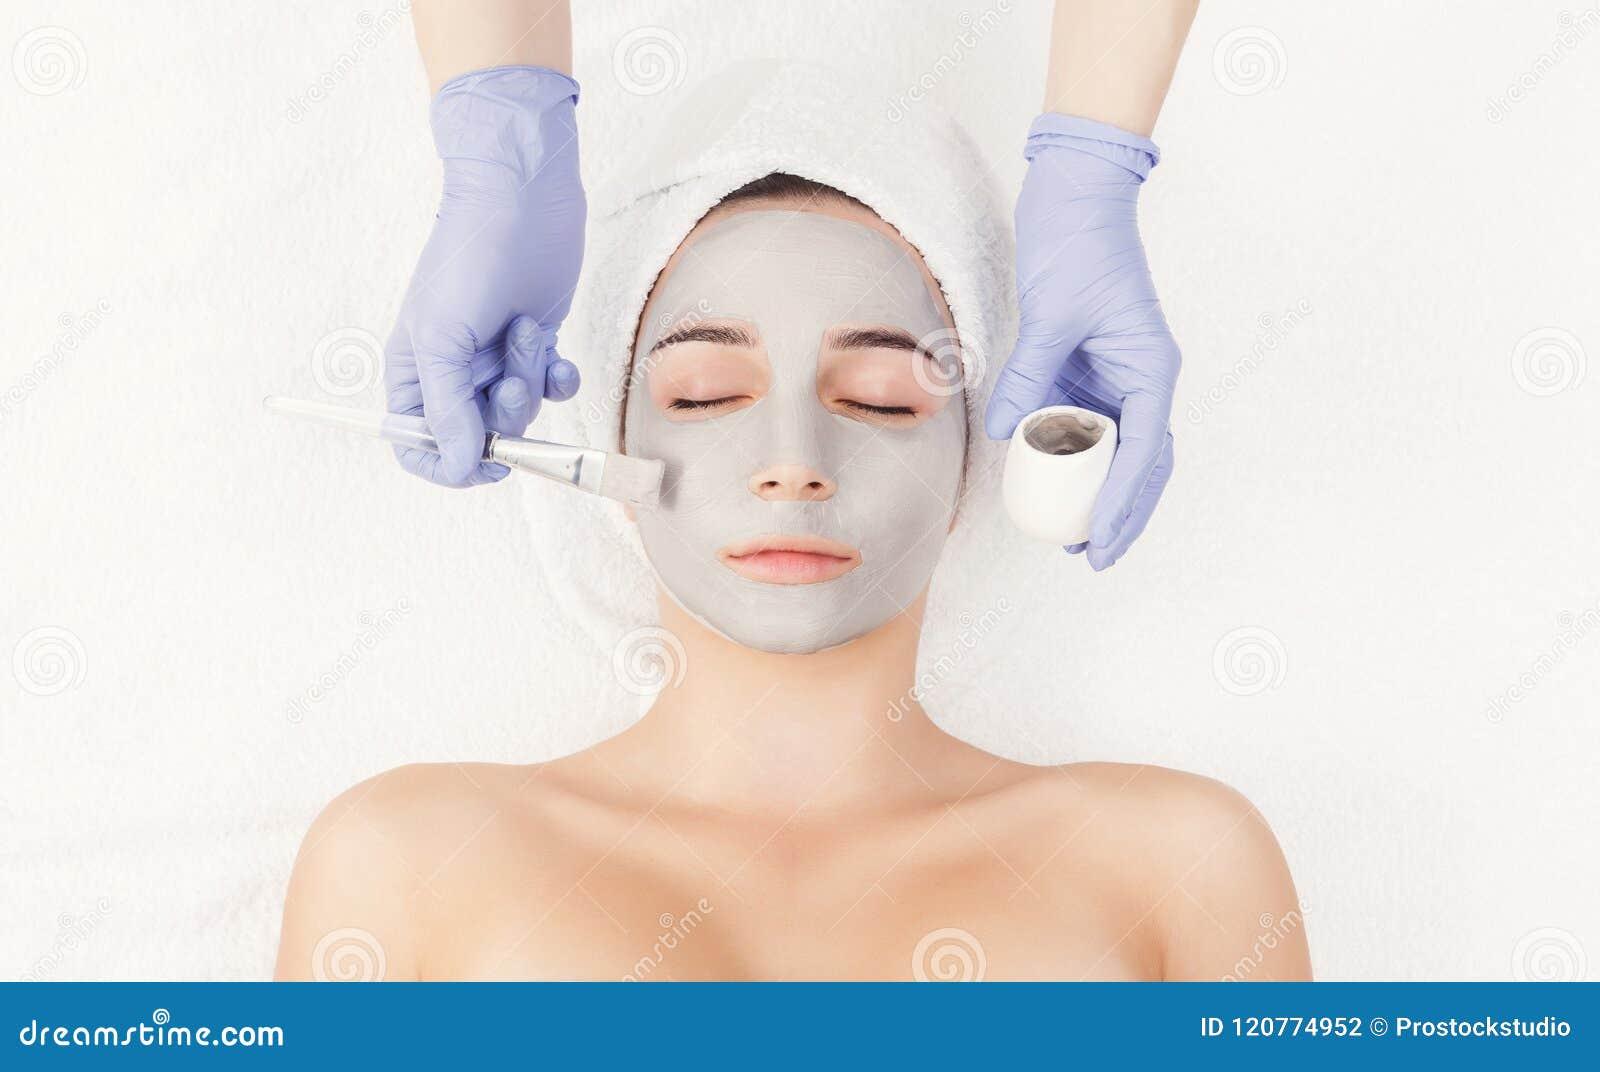 Женщина получает лицевой щиток гермошлема beautician на курорте